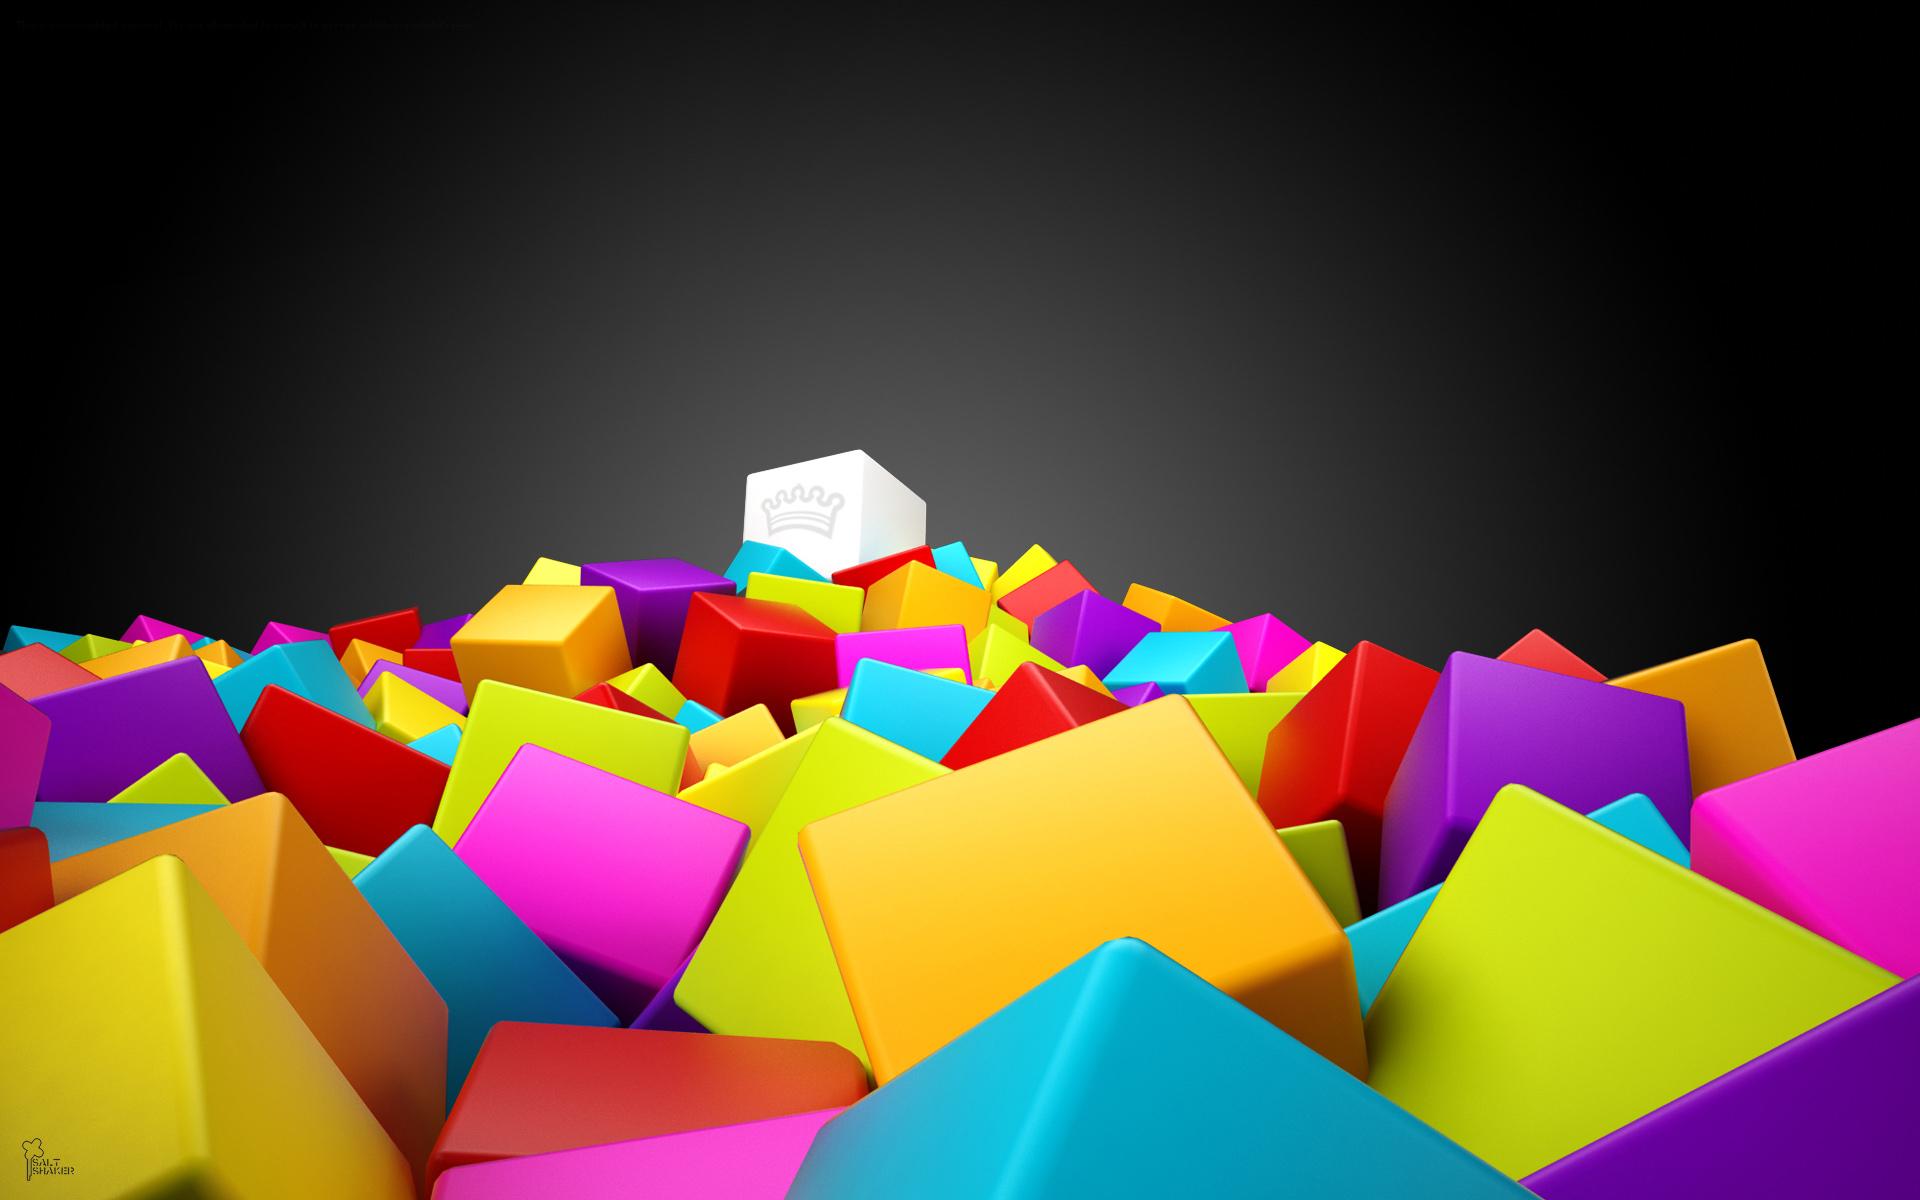 Colorful 3d Wallpapers - WallpaperSafari